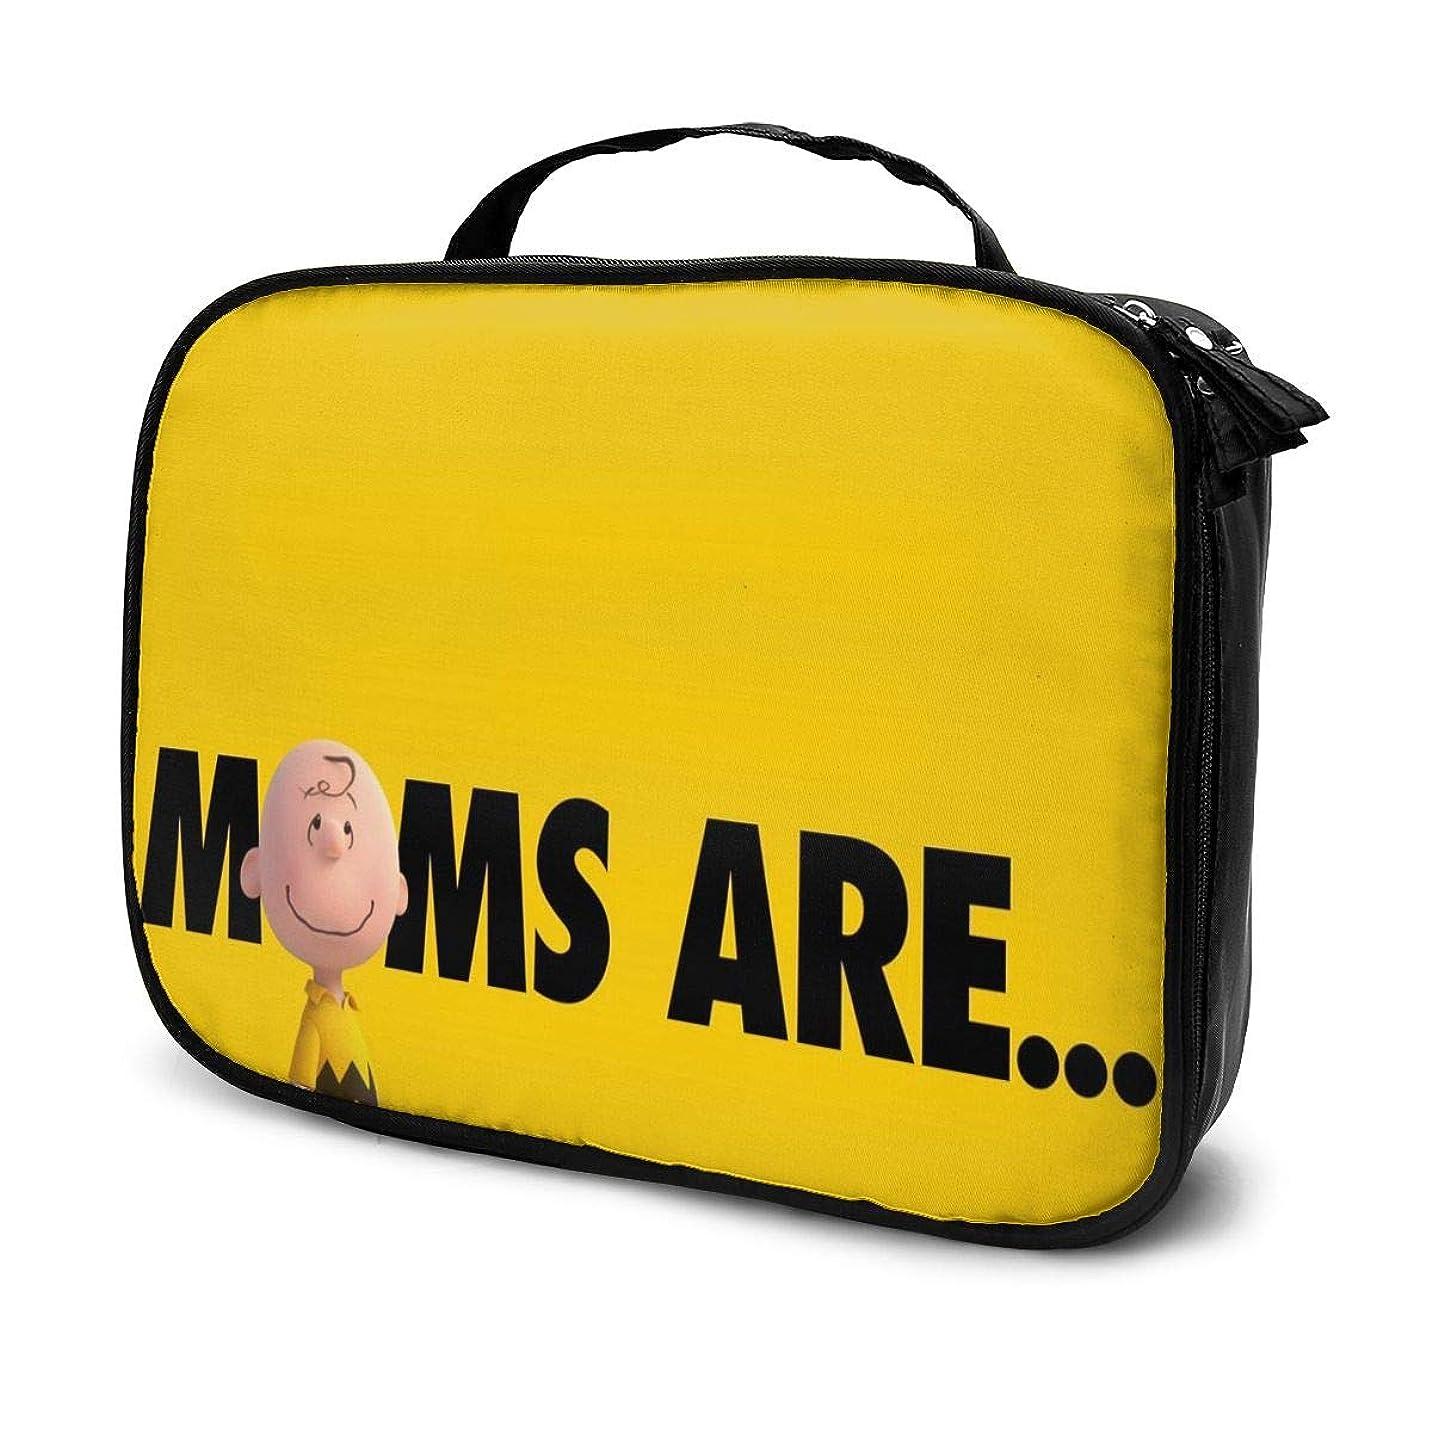 援助する強風ブラウンDaituスヌーピー 化粧品袋の女性旅行バッグ収納大容量防水アクセサリー旅行